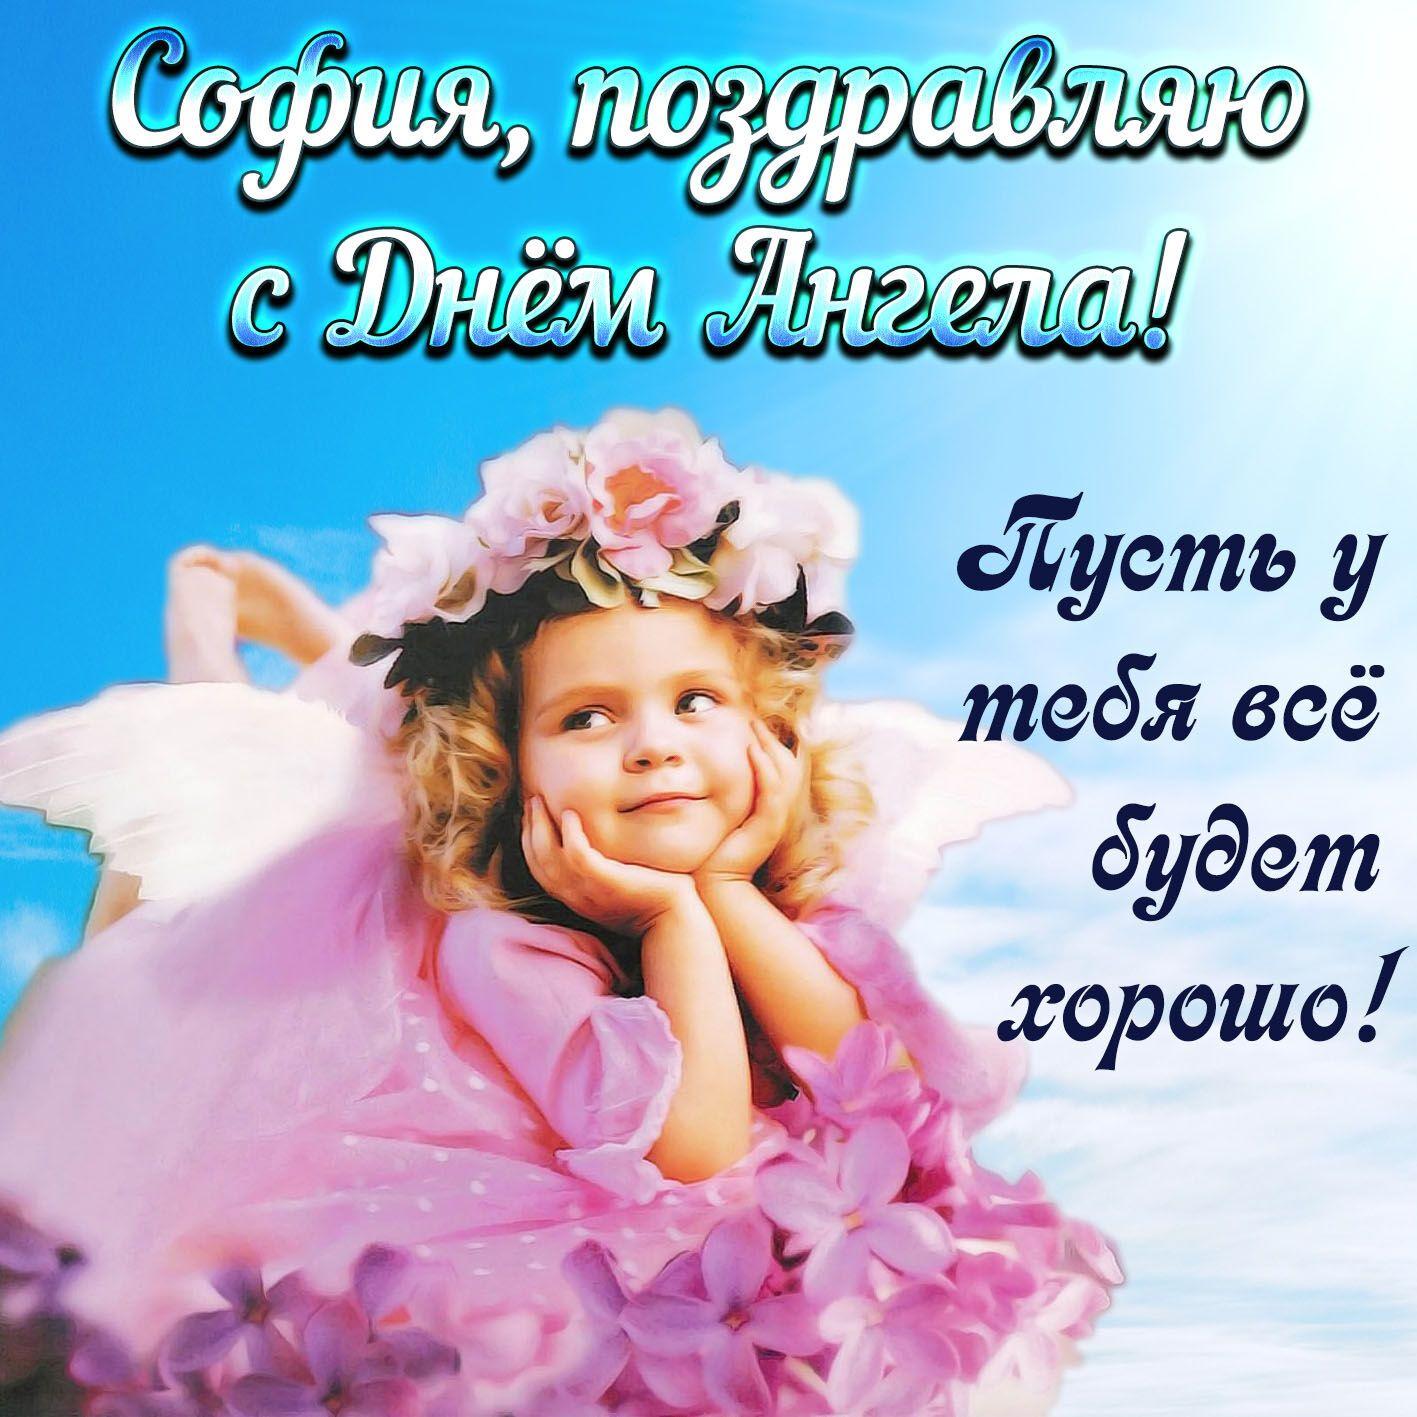 День ангела Софии 28 февраля: картинки и открытки для поздравления с праздником